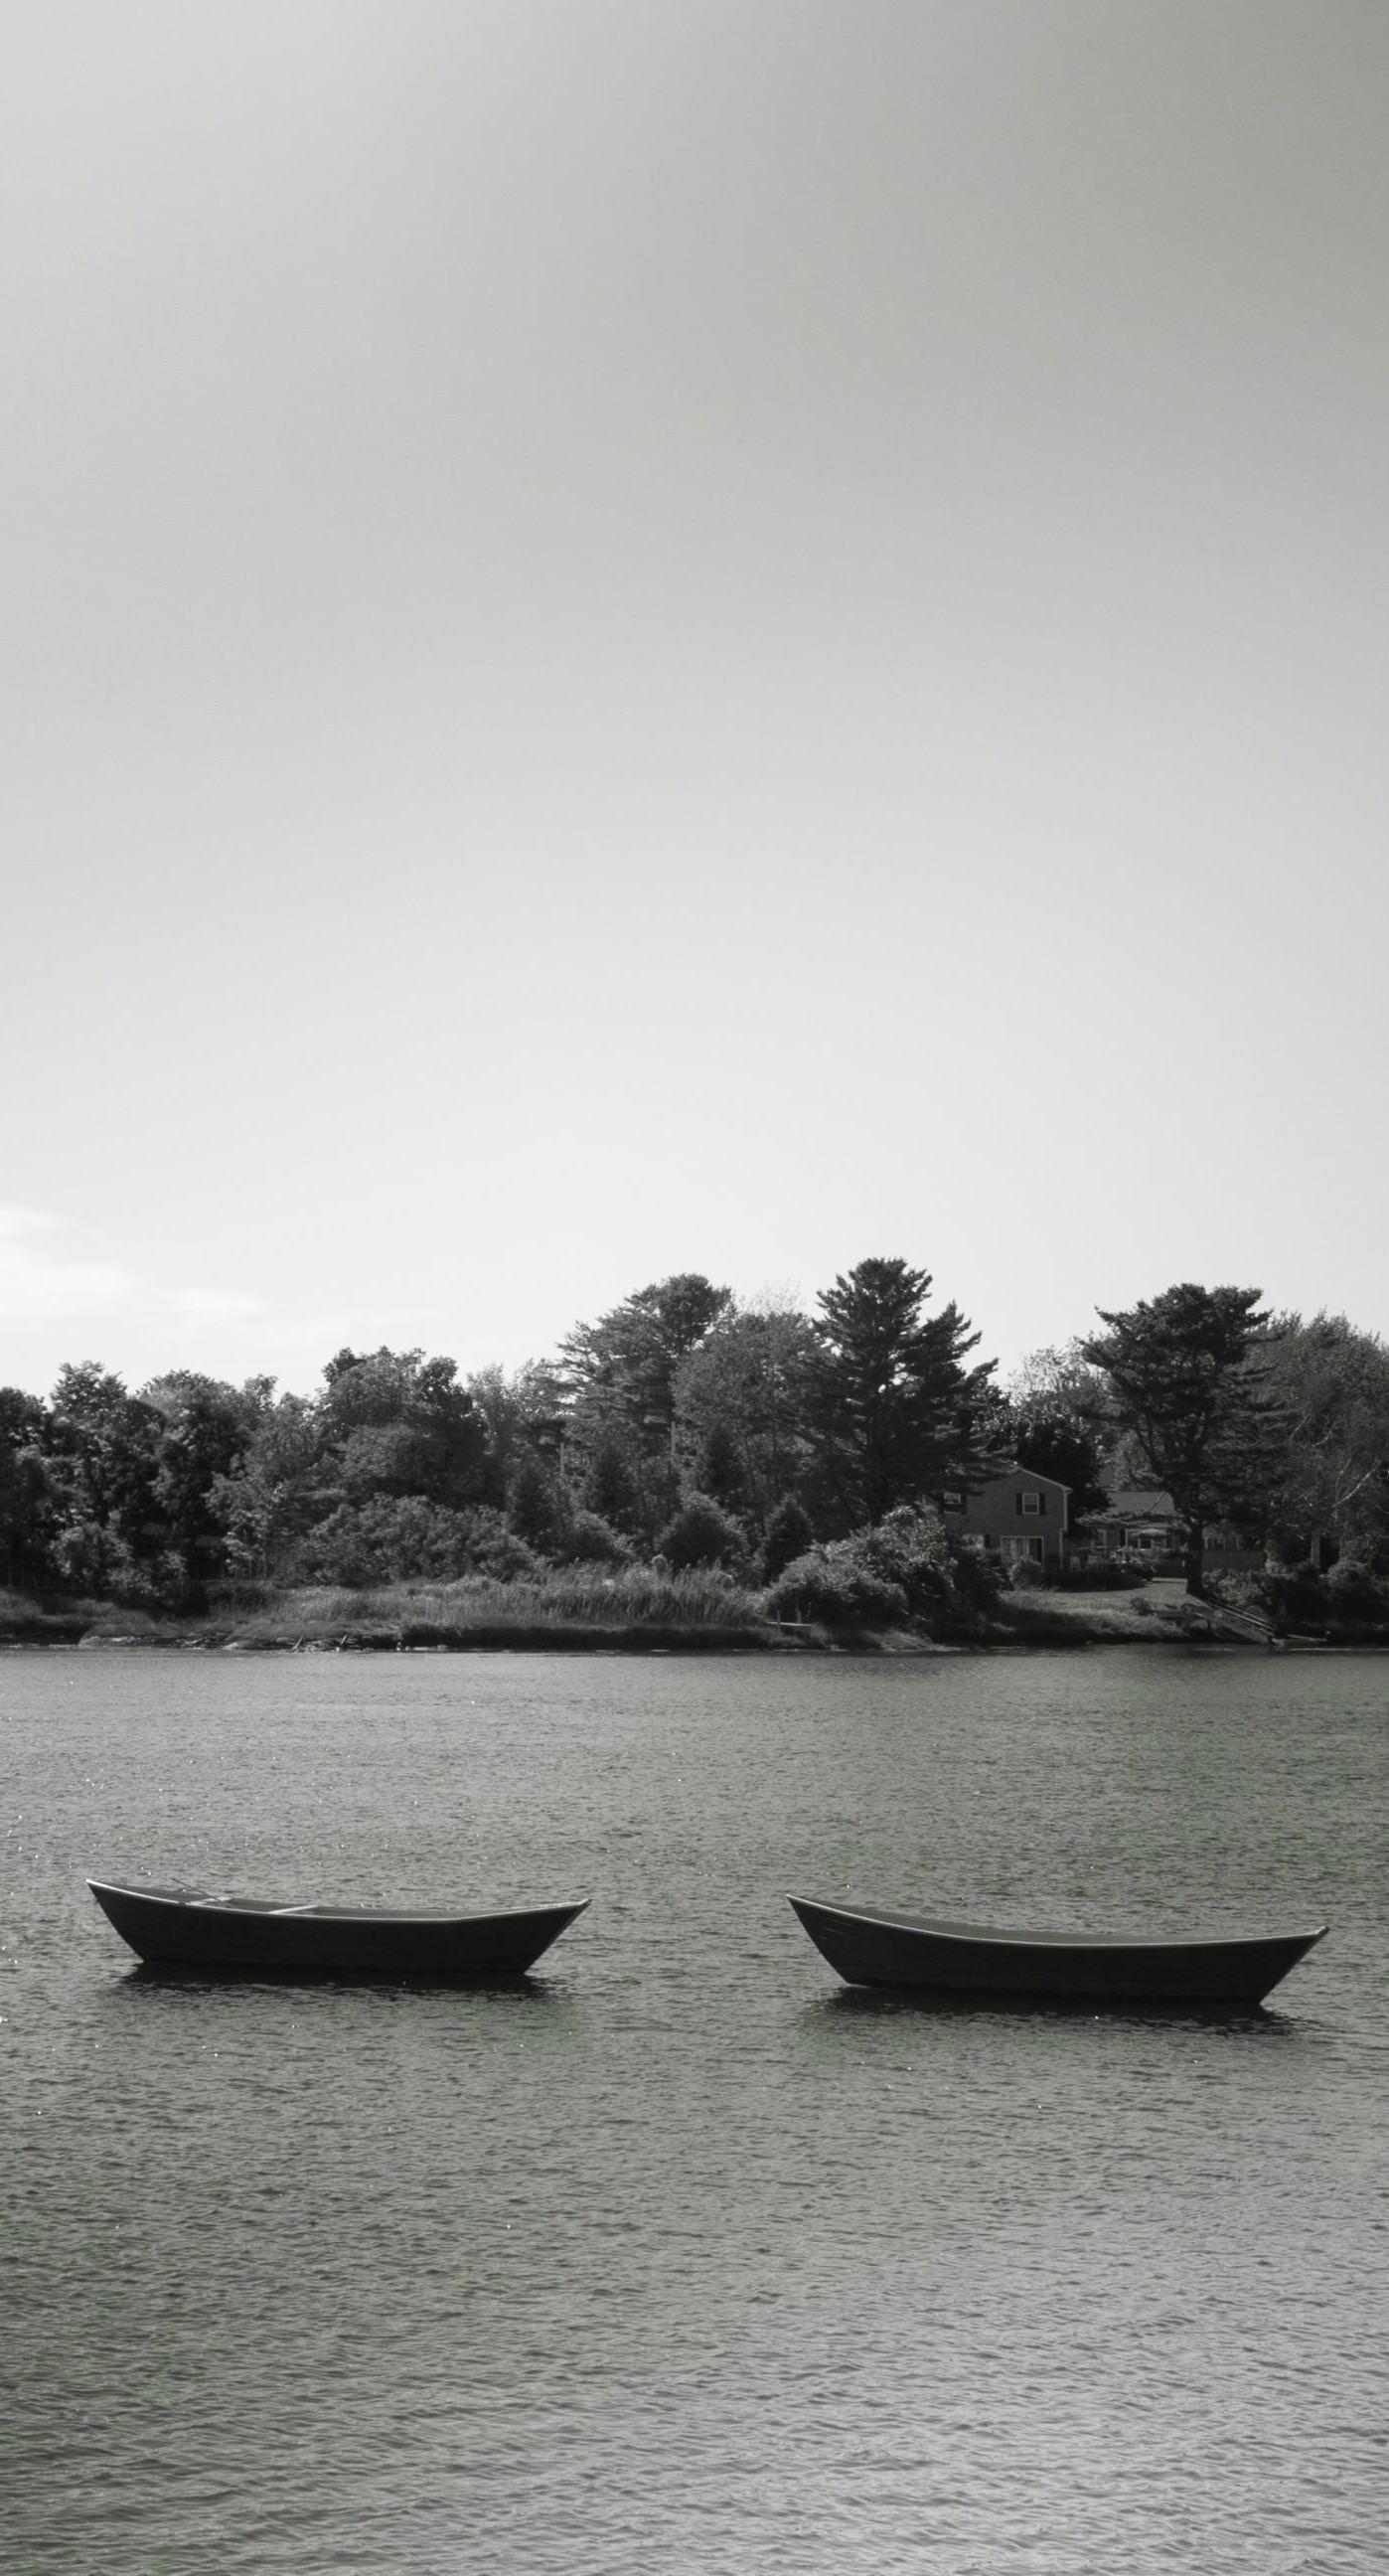 Background Hitam Putih Hd : background, hitam, putih, White, Landscape, Wallpaper, Hitam, Putih